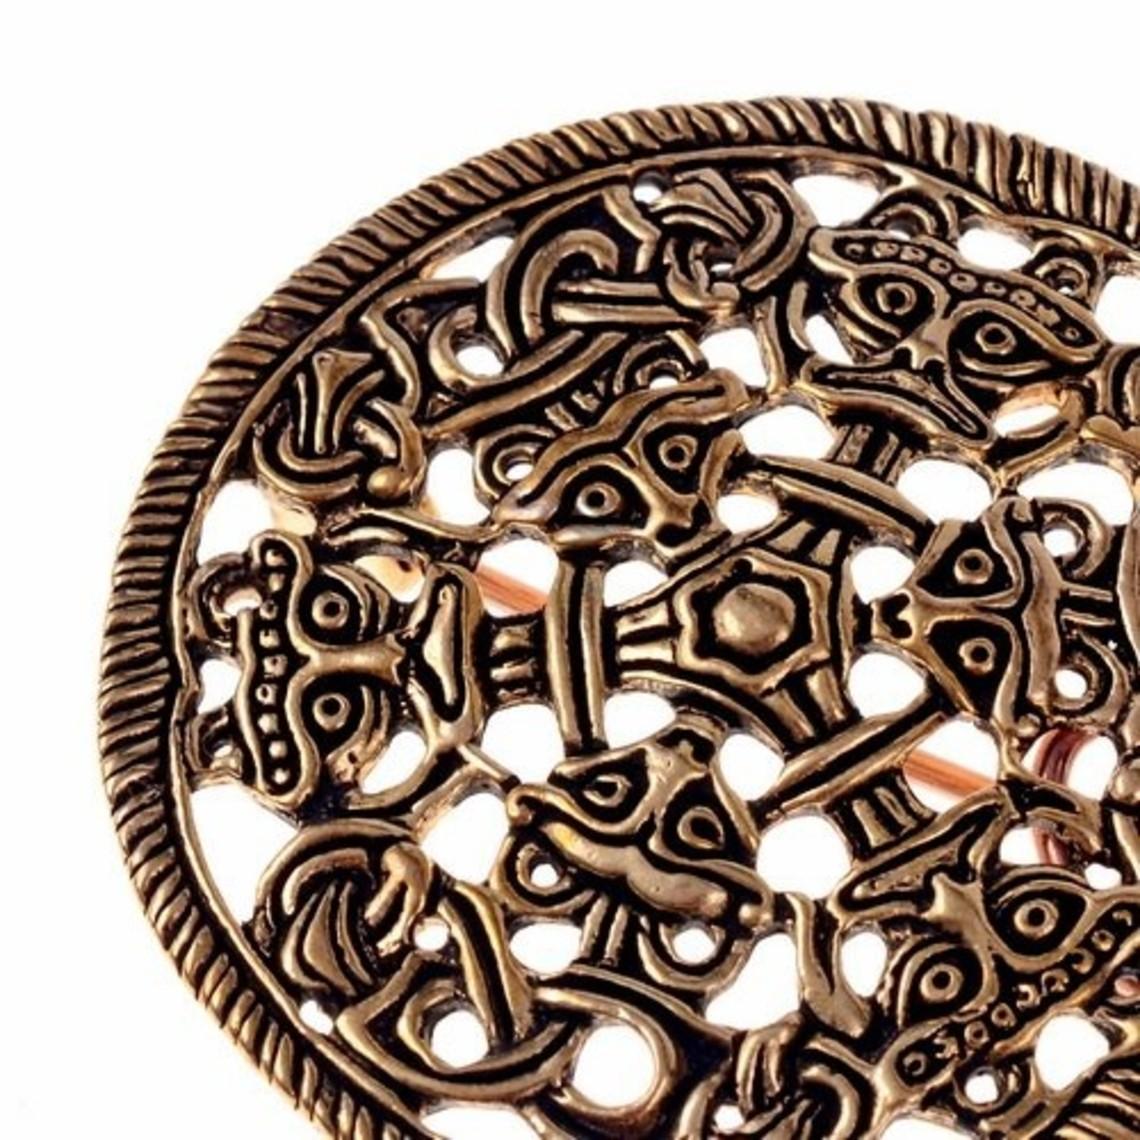 Disque de style borre péroné, bronze